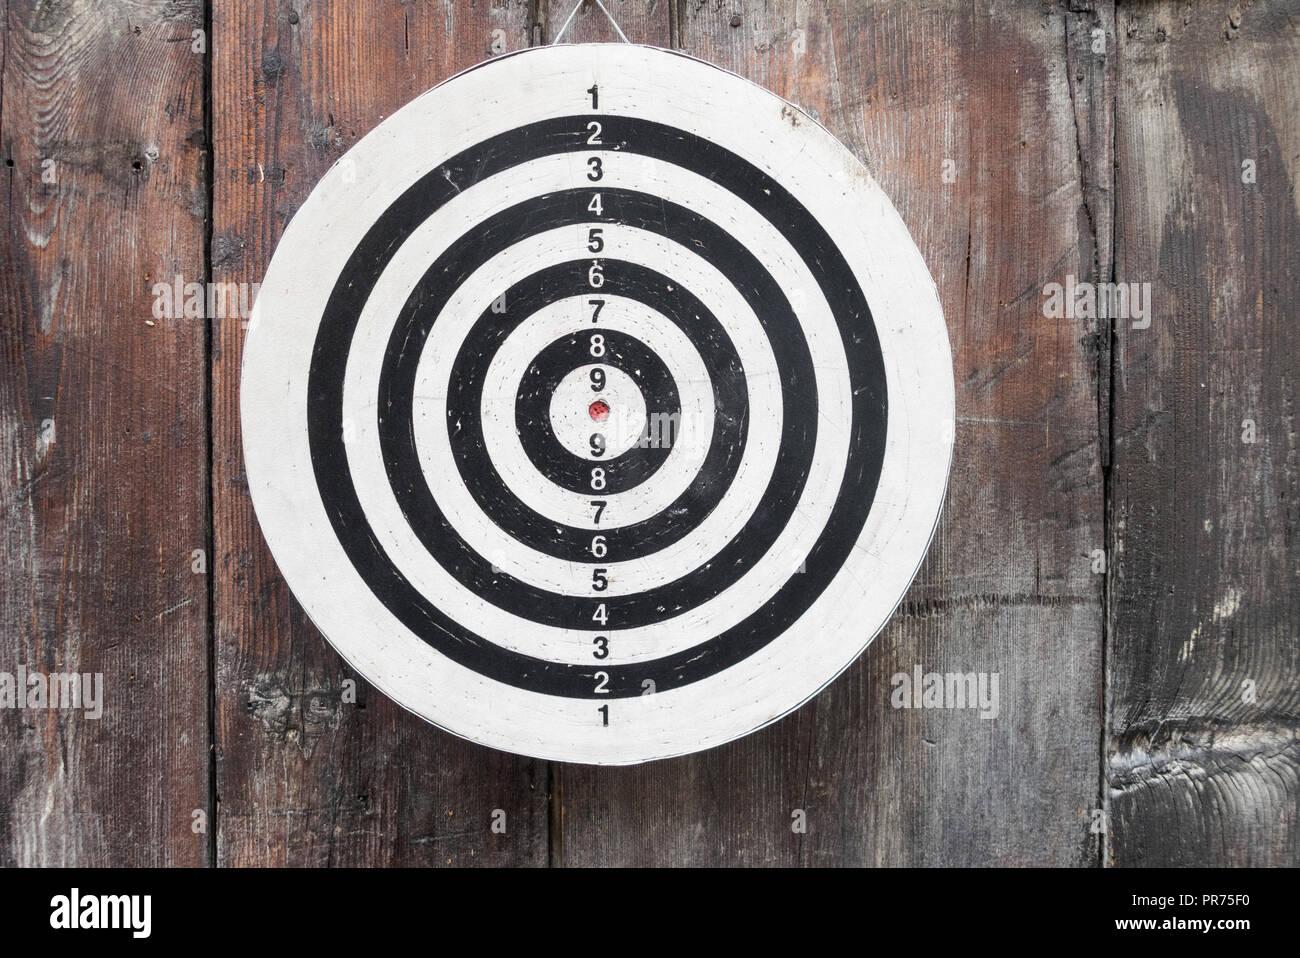 Runde Runde schwarz und weiß Target mit Zahlen hängen an eine Holzwand in der Nähe und im Detail Stockfoto